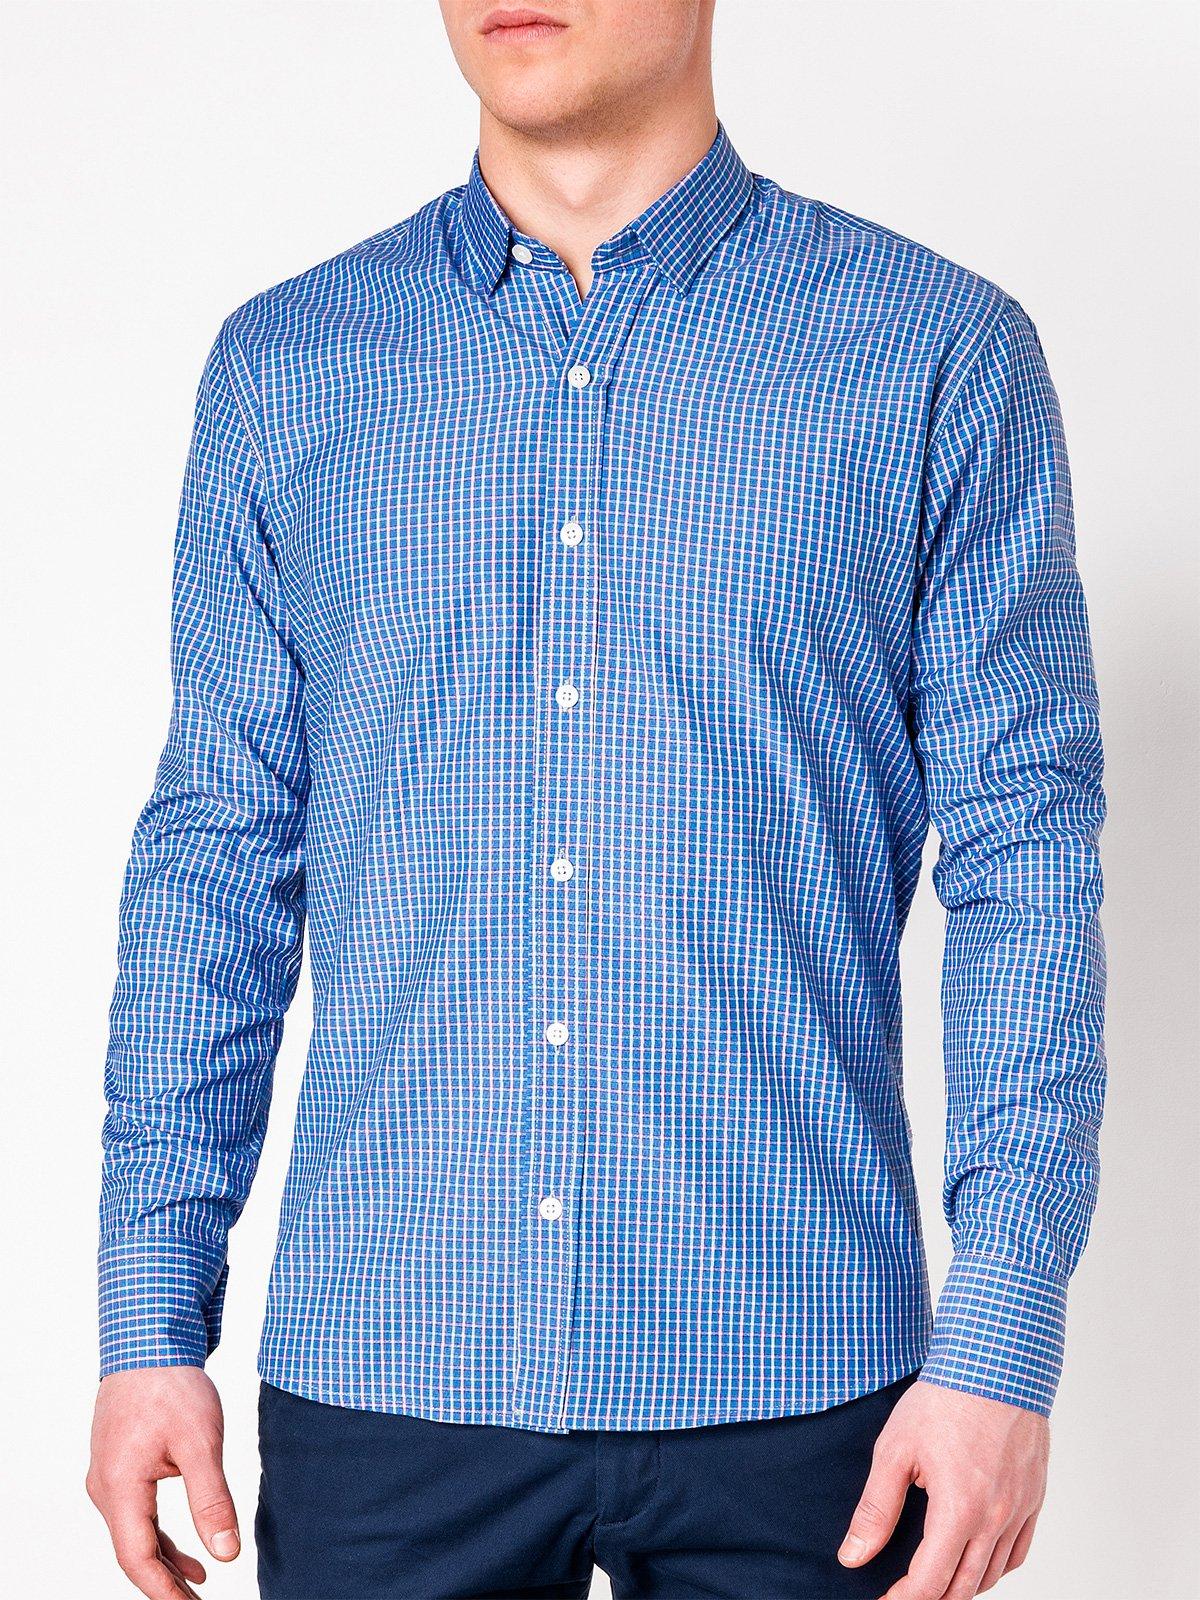 c3163c8b4578 Мужская рубашка в клеточку с длинным рукавом K437 - голубая голубой ...